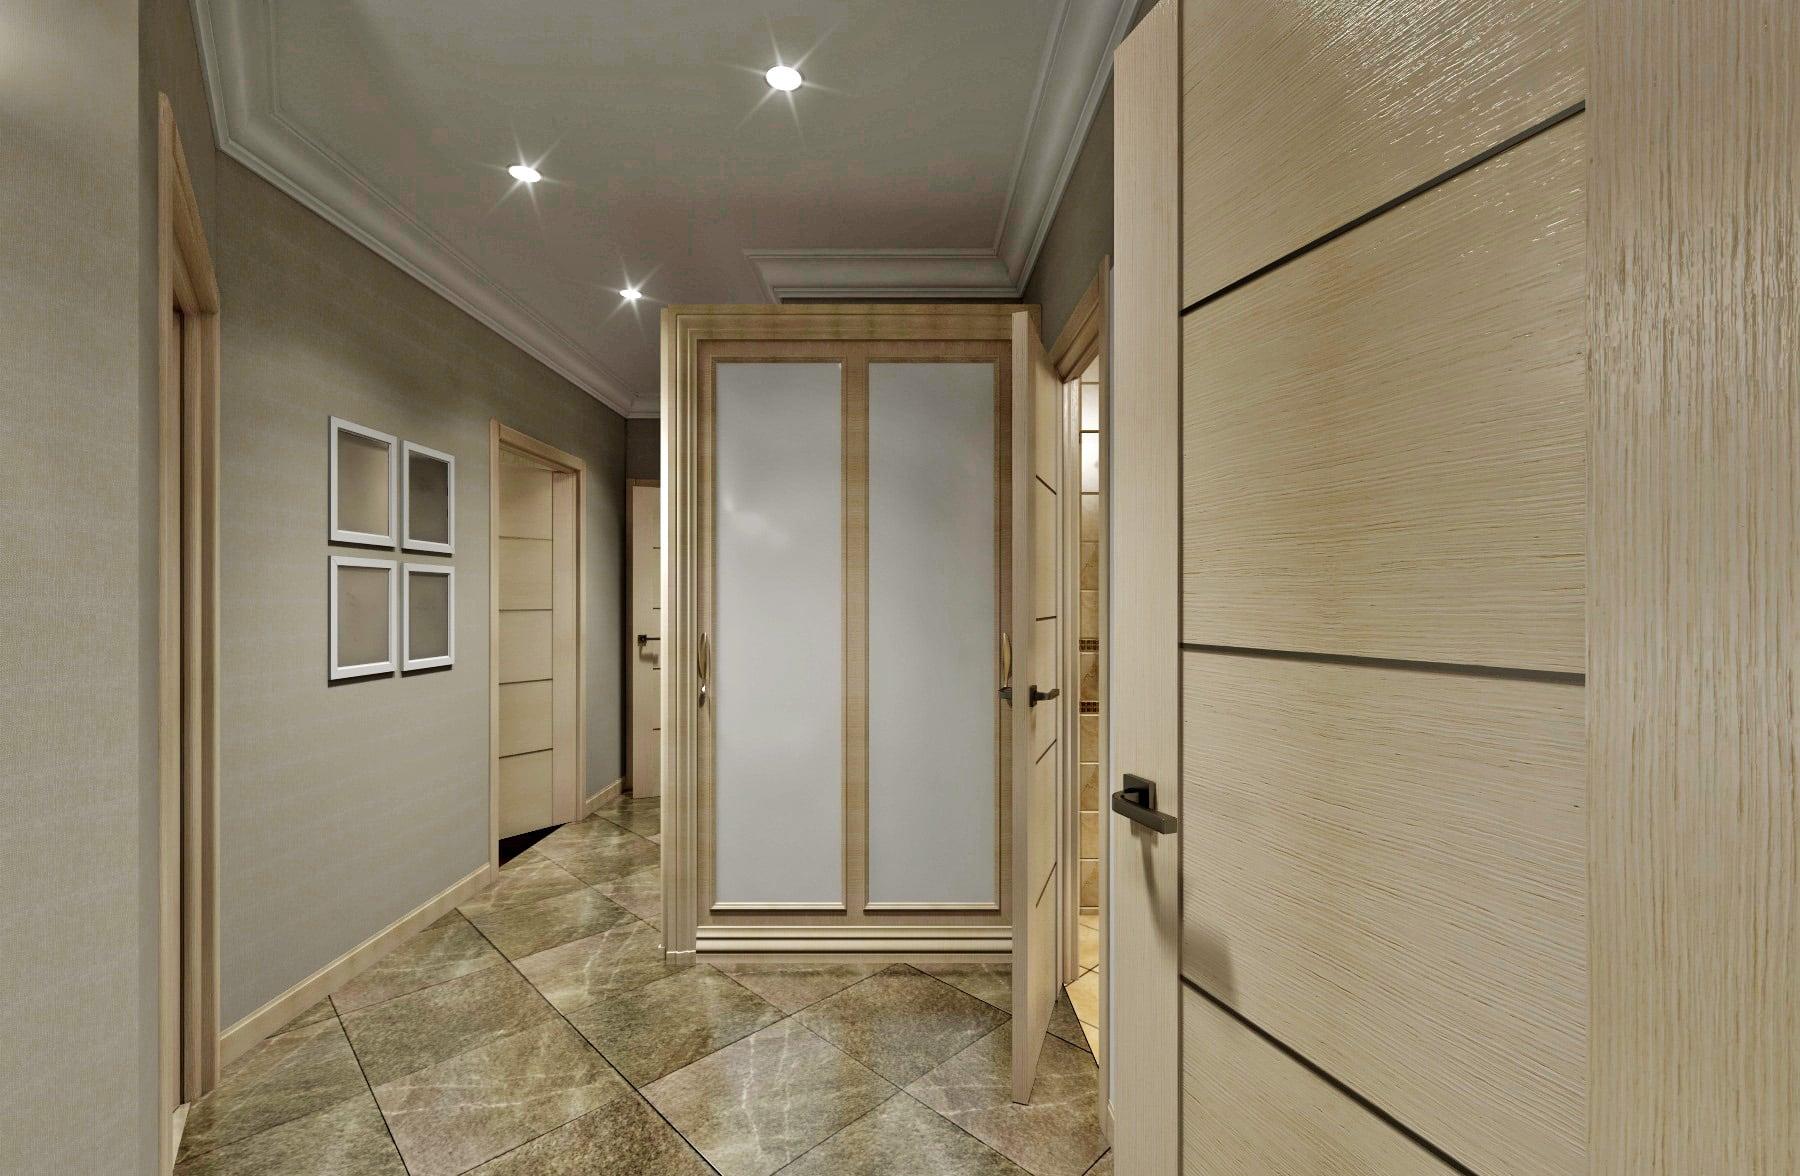 дизайнерская студия гомель, дизайн интерьера коридора